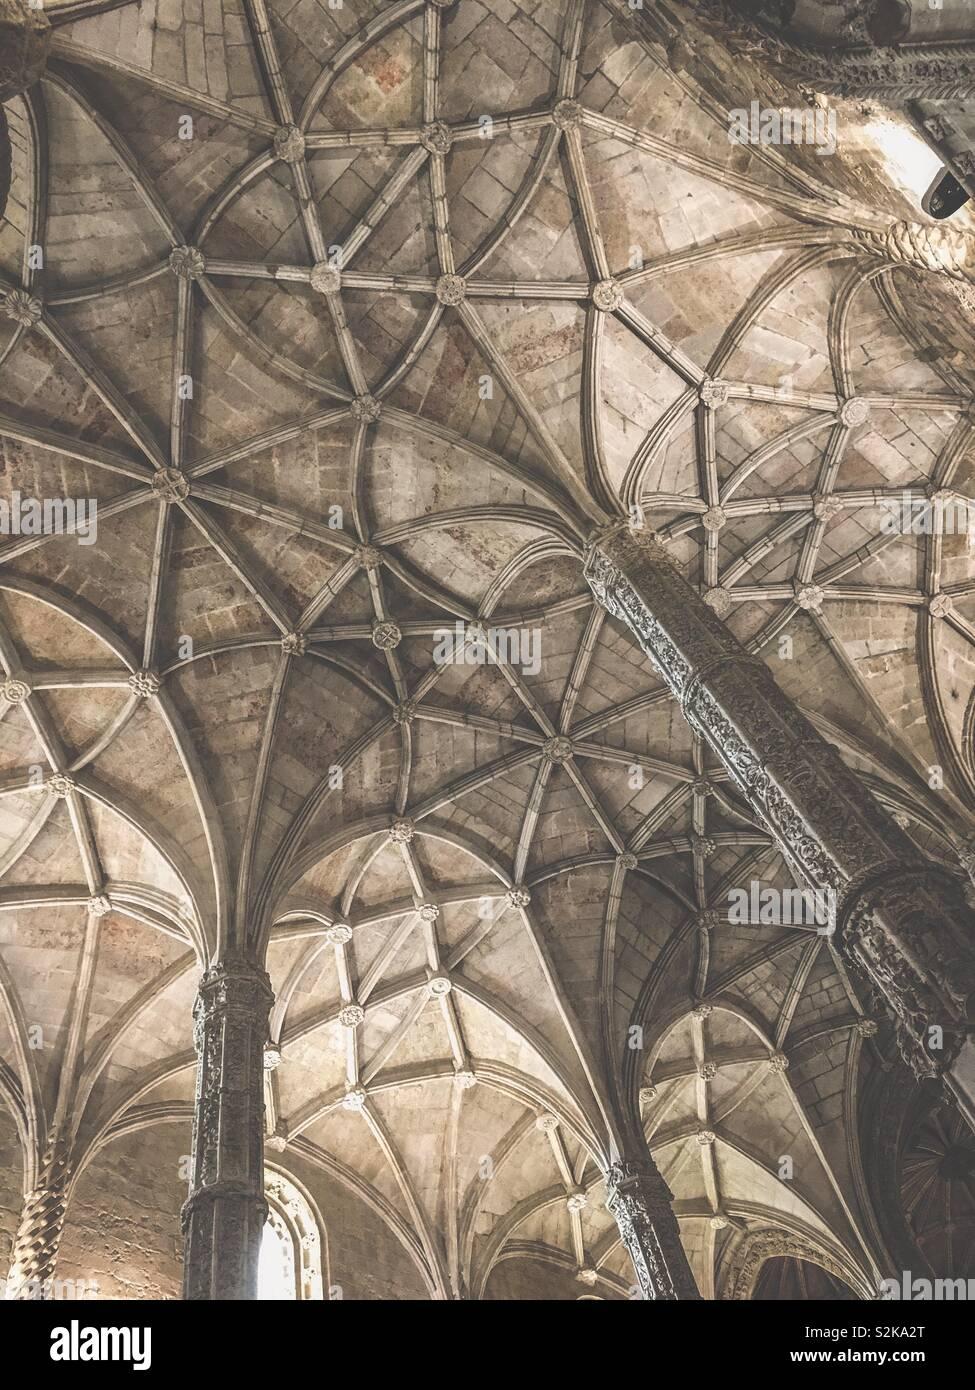 Die alten Gewölbe einer Klosterkirche. Stockbild